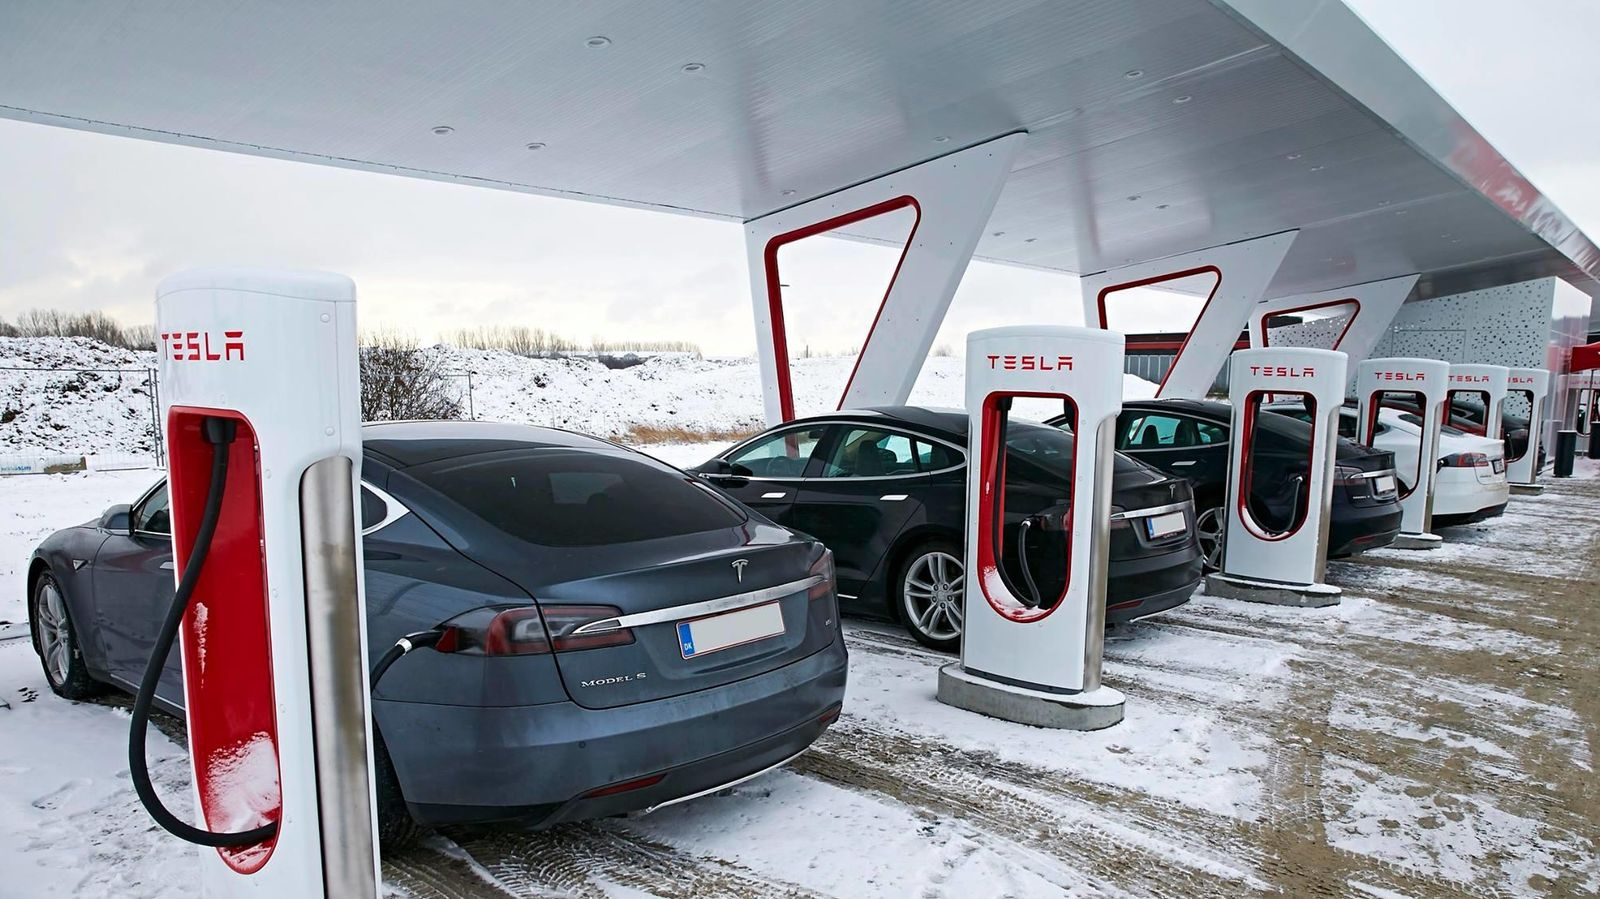 Foto: Un Supercharger de Tesla en Copenhague, Dinamarca